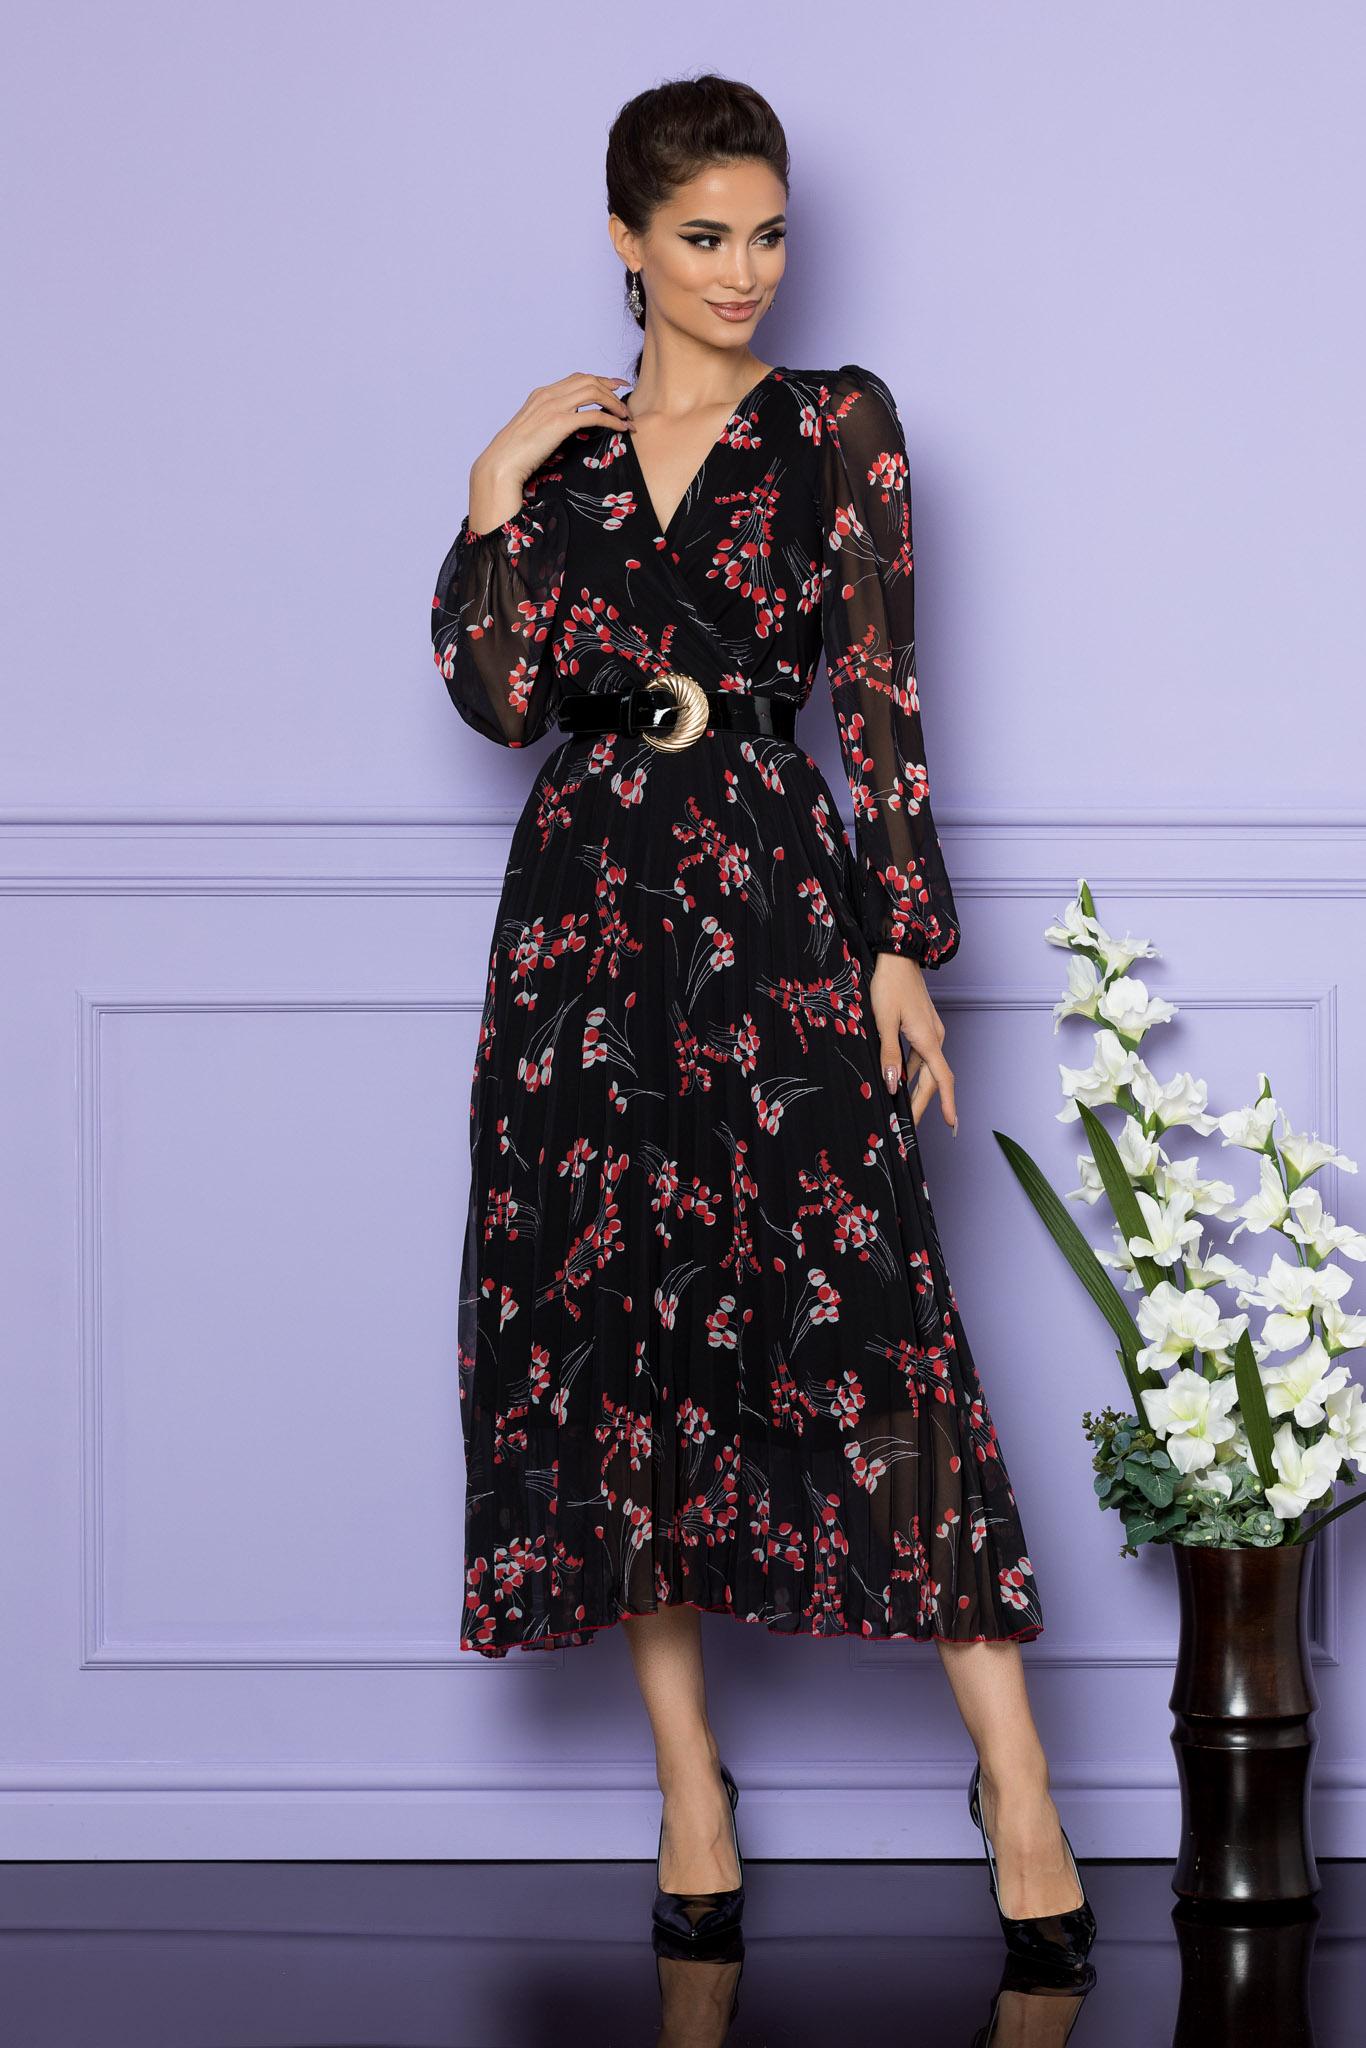 Rochie Ingrid Negru Rosu Floral